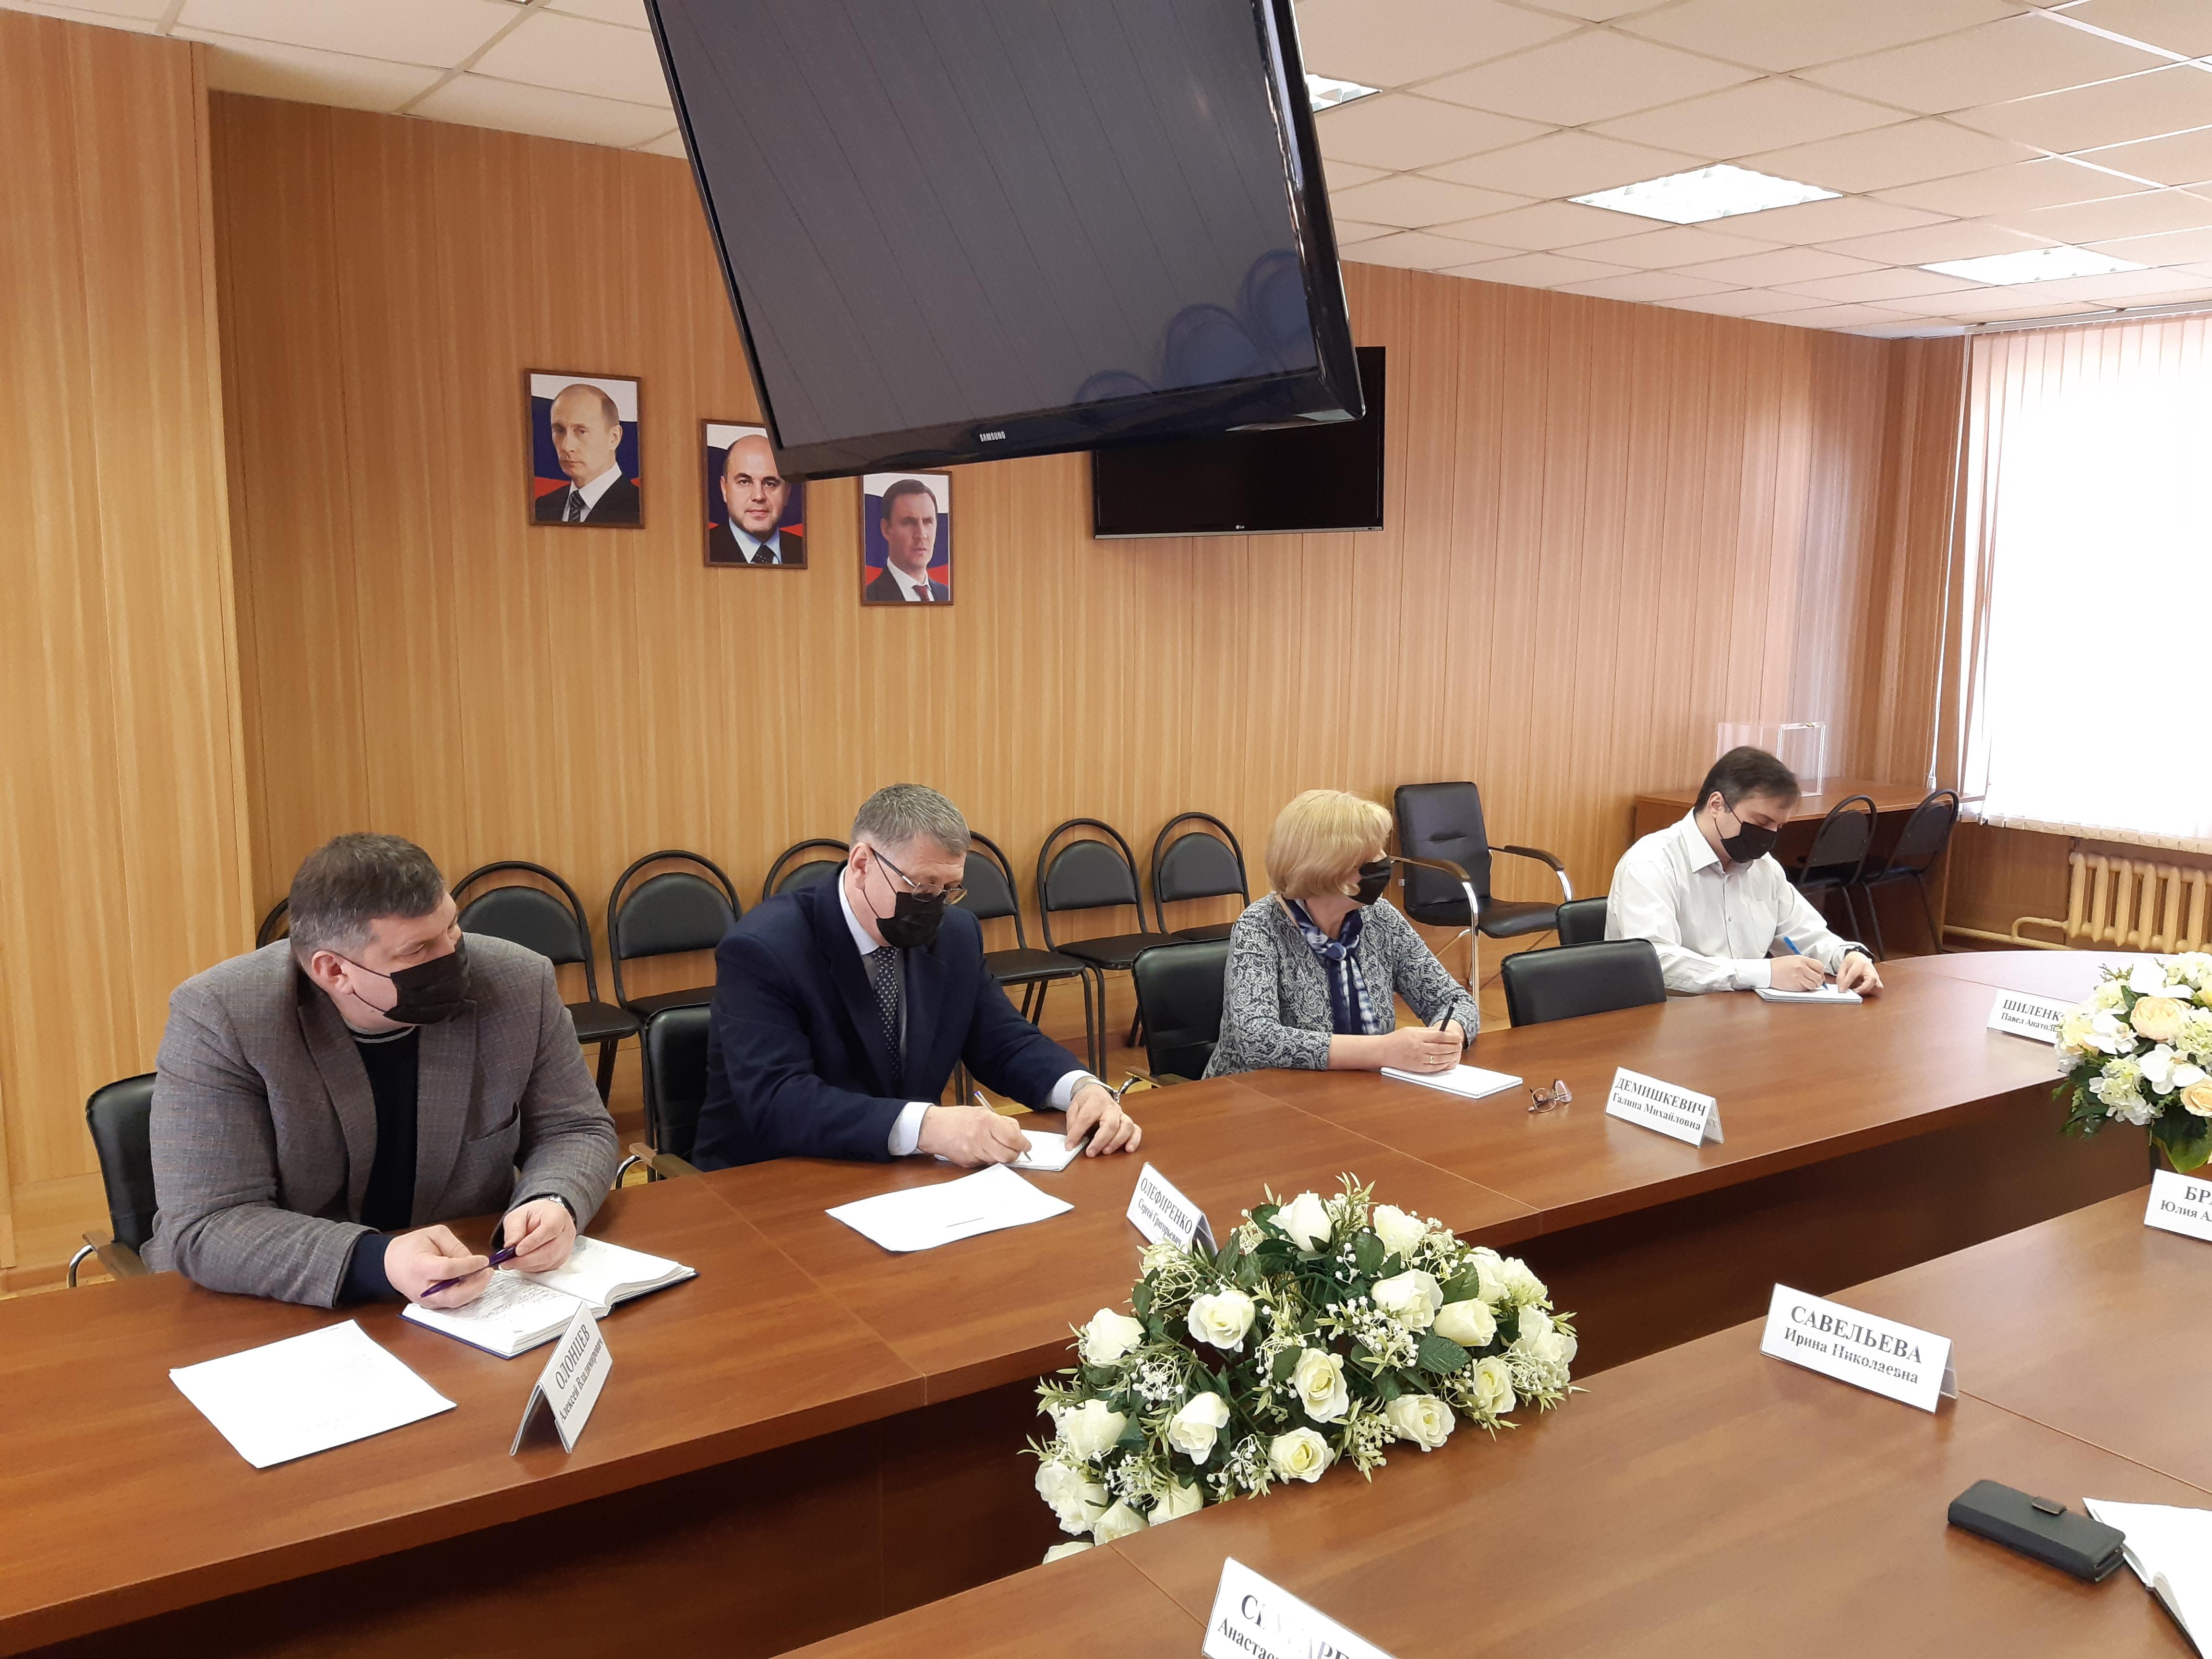 Оперативное совещание руководящего состава ФГБОУ ДПО РАКО АПК